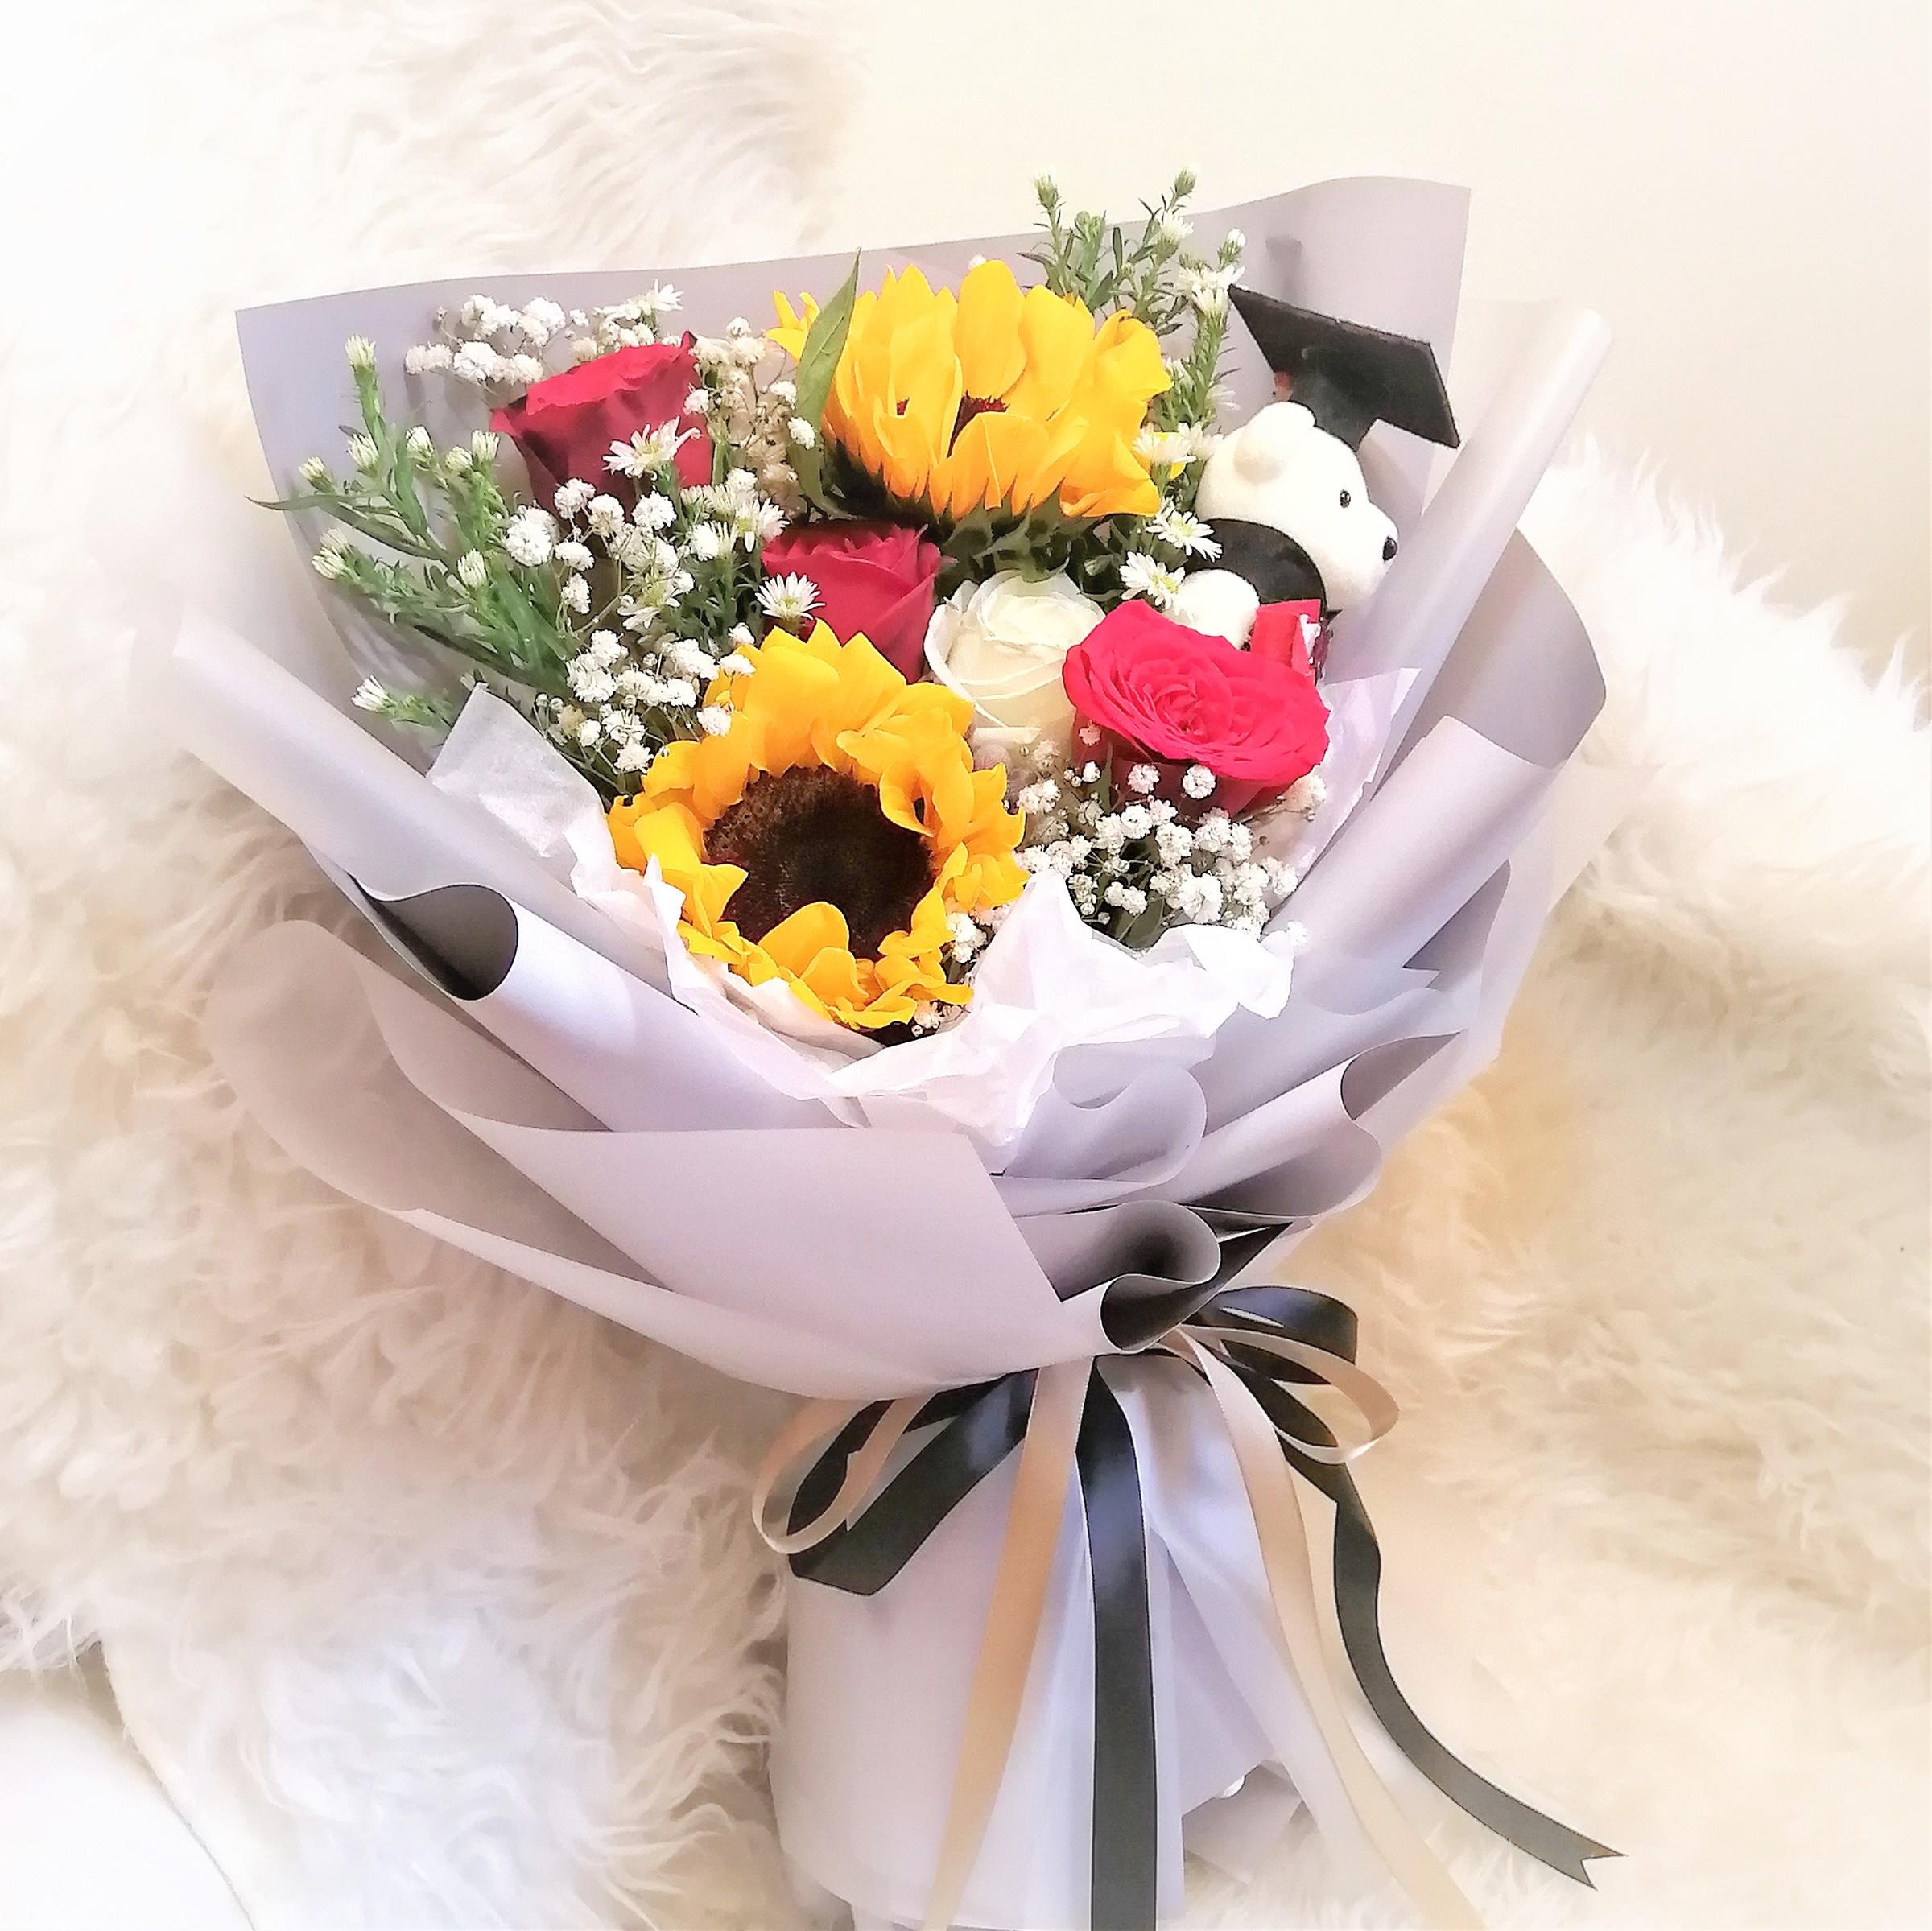 flower delivery kl 9.jpeg